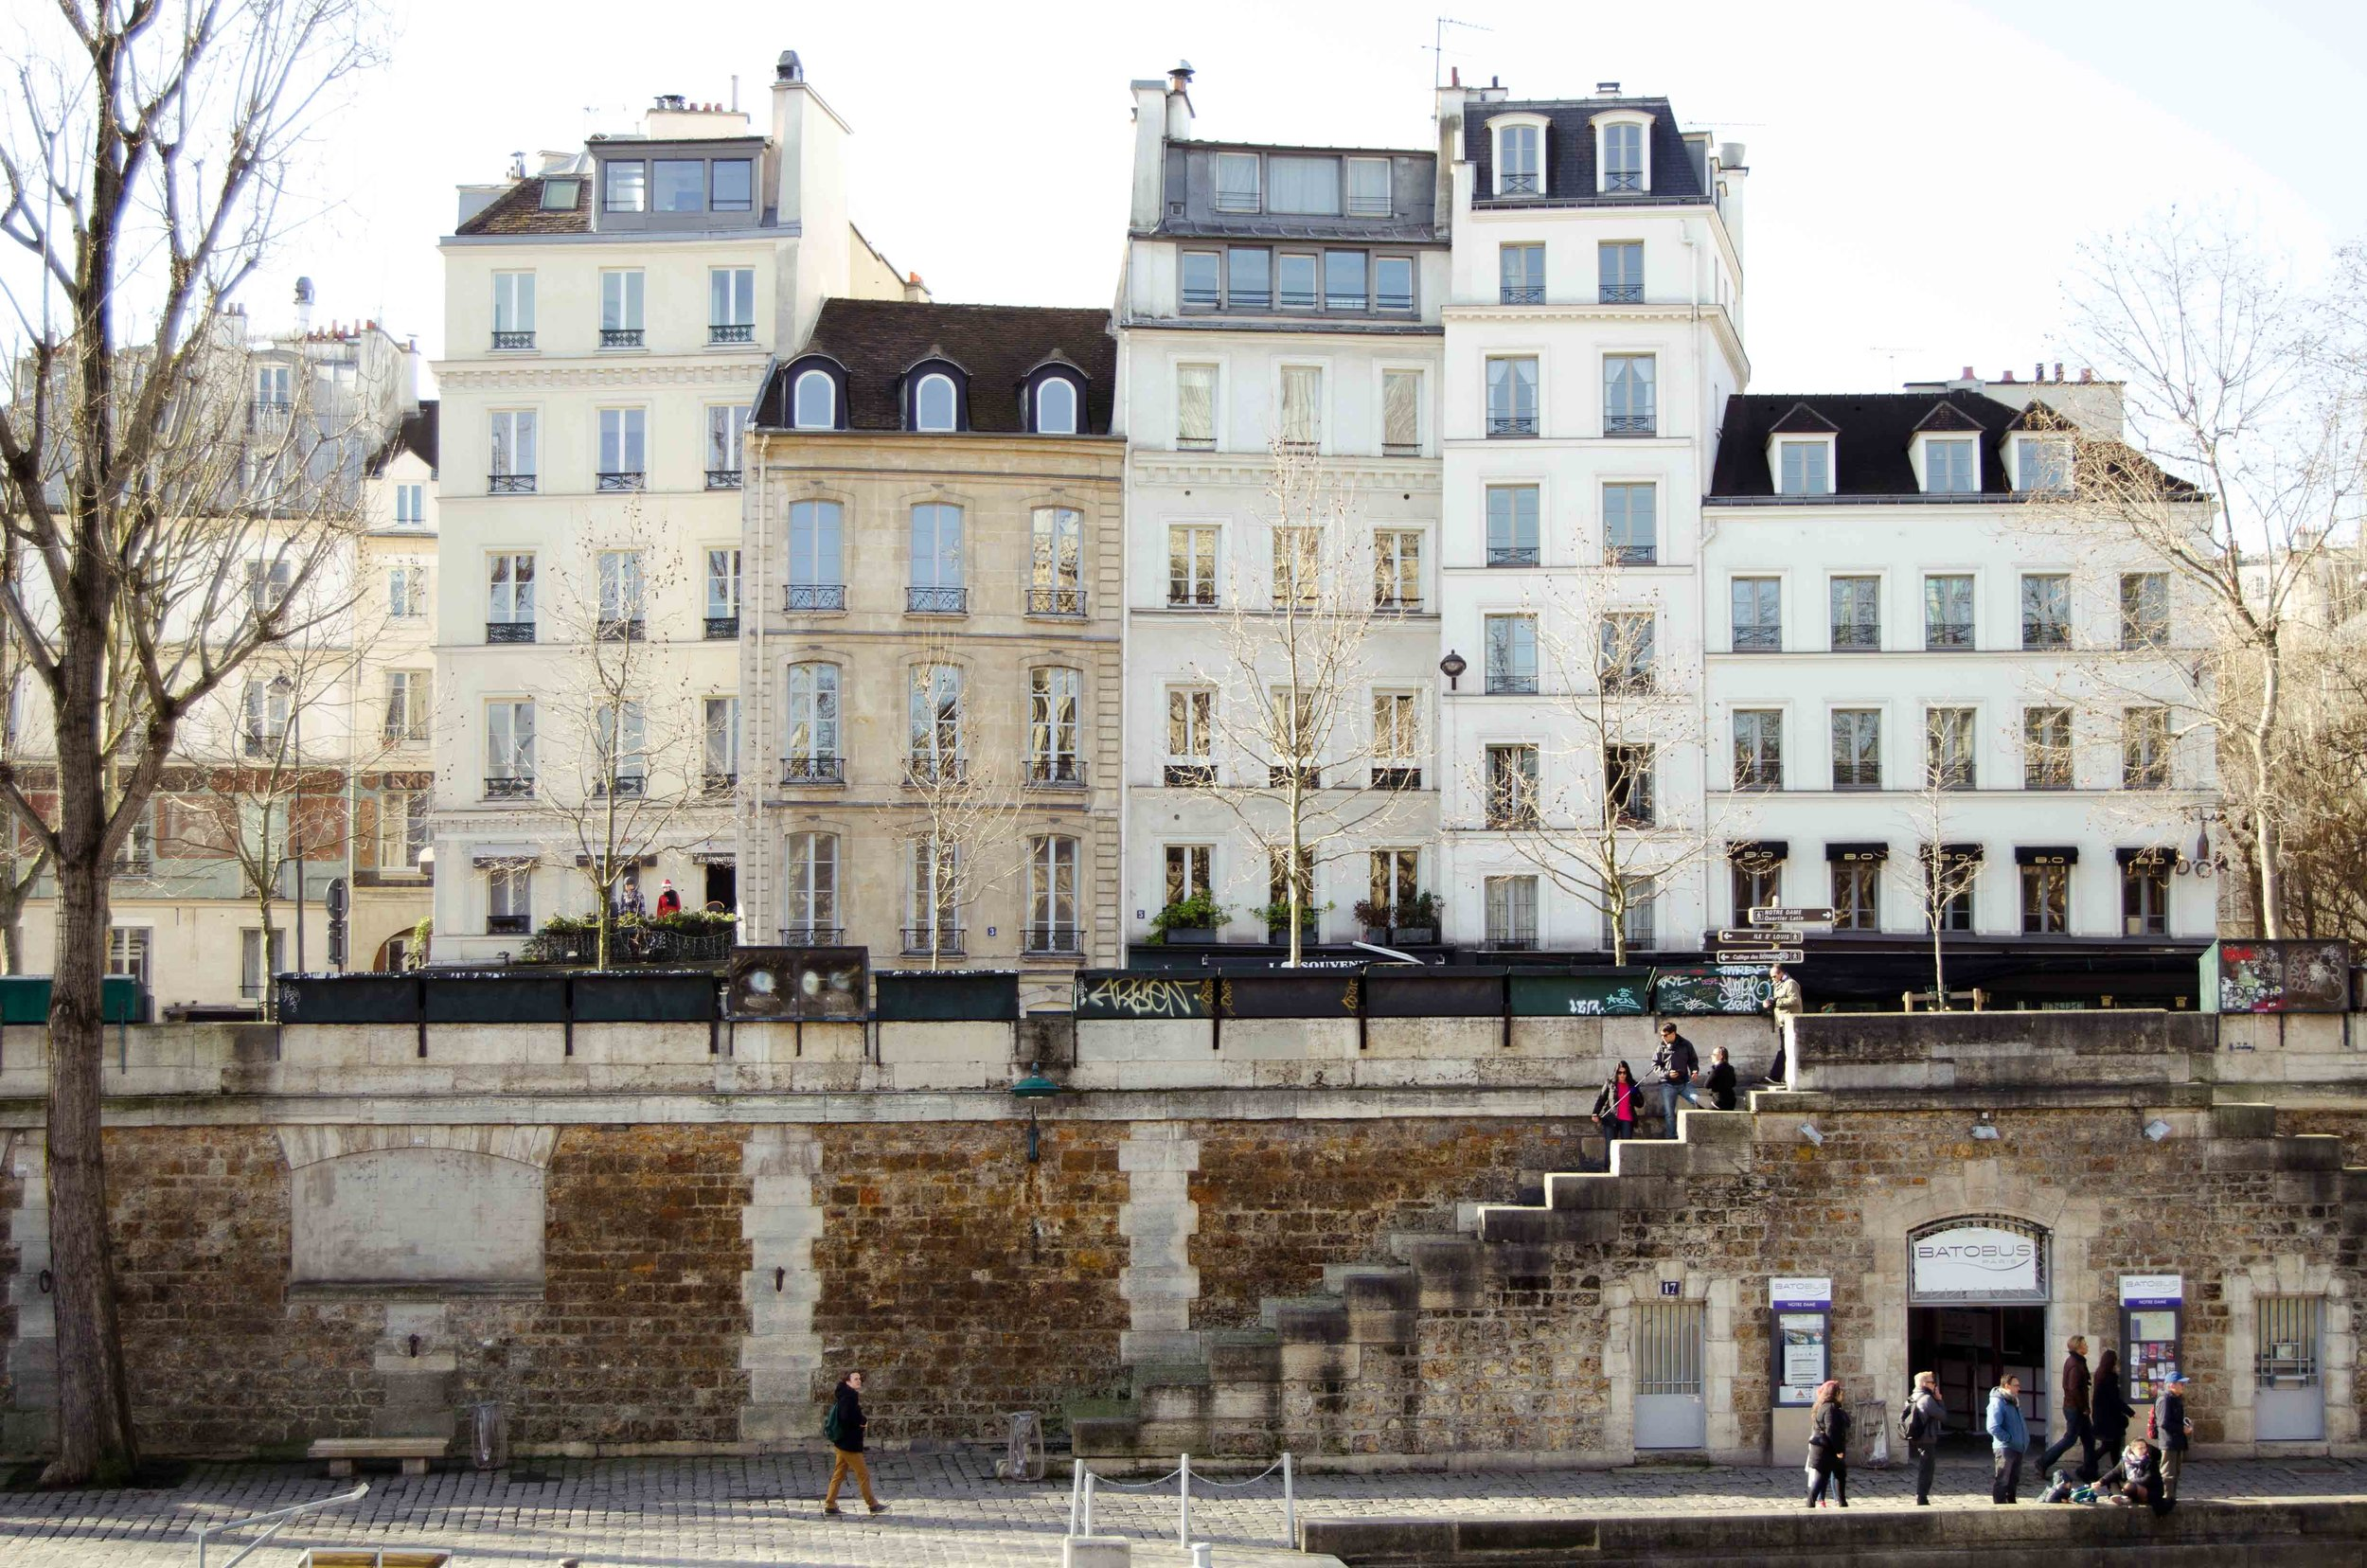 march 2 // steps along La Seine river